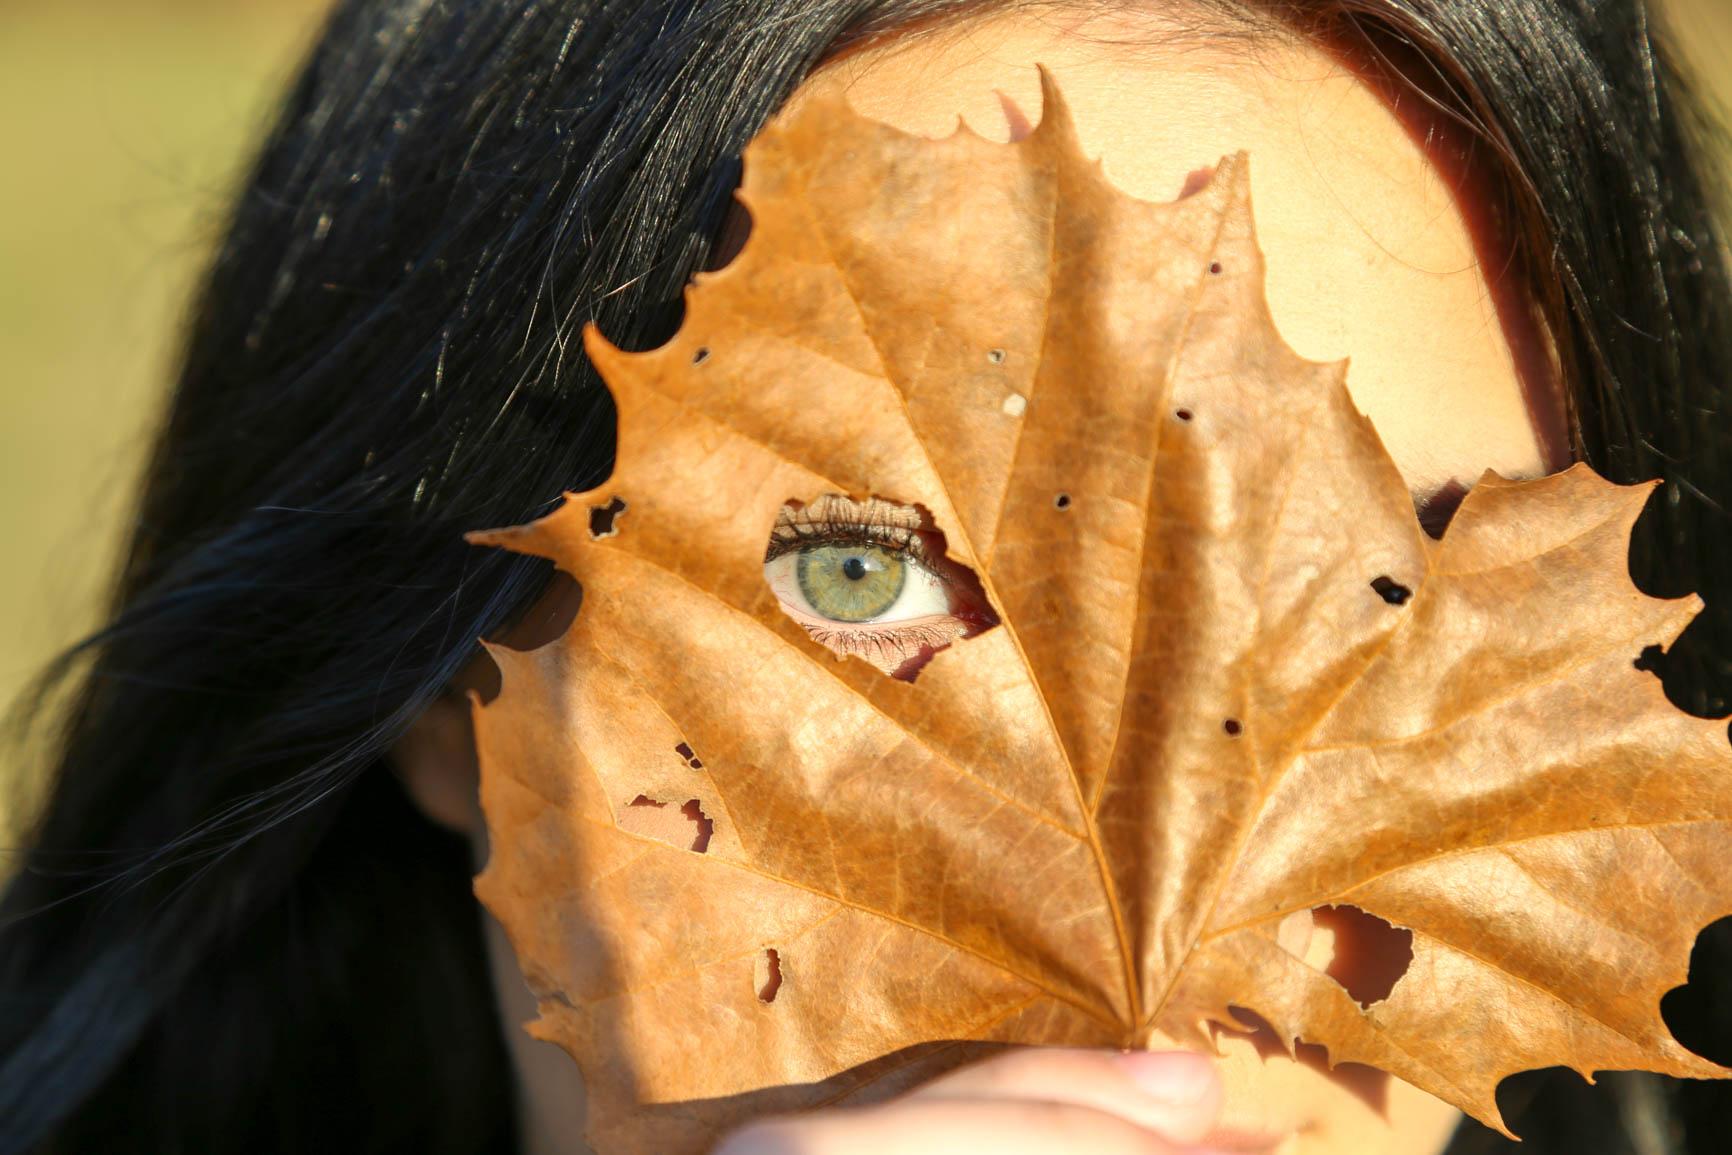 woman's face peeking through a crumpled leaf